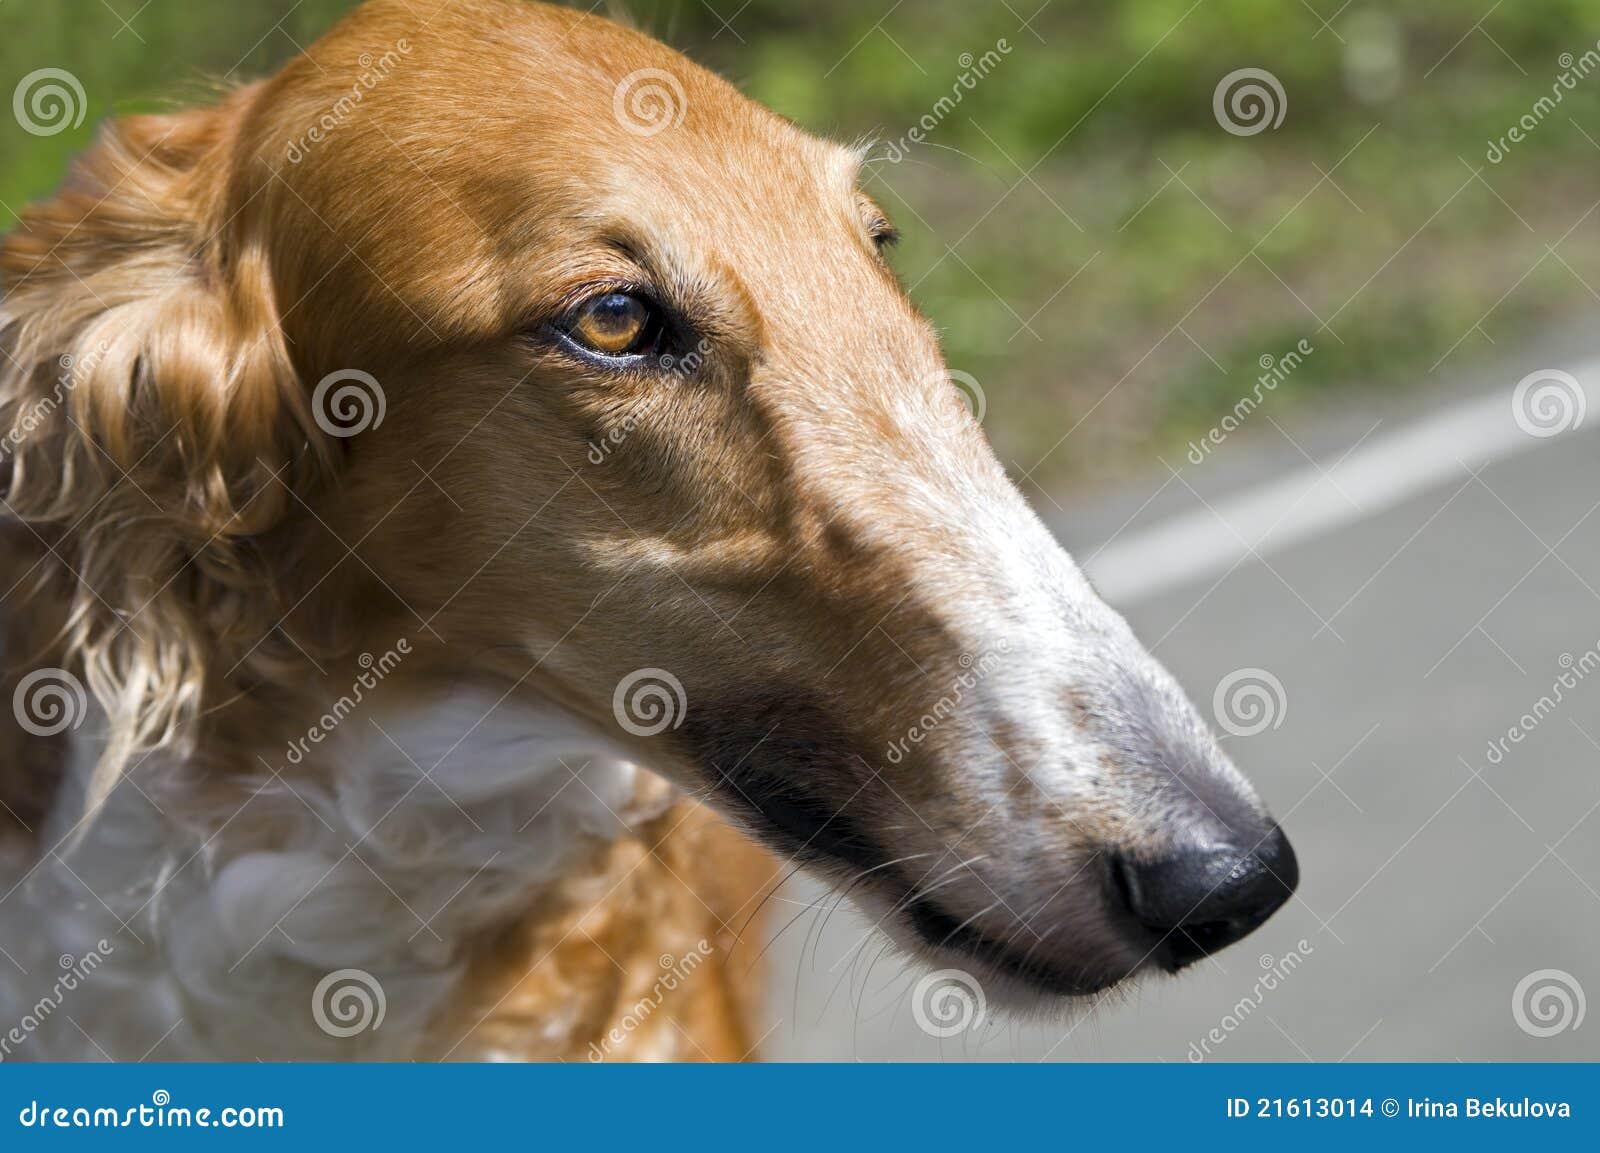 俄罗斯猎狼犬_猎狼犬_爱尔兰猎狼犬